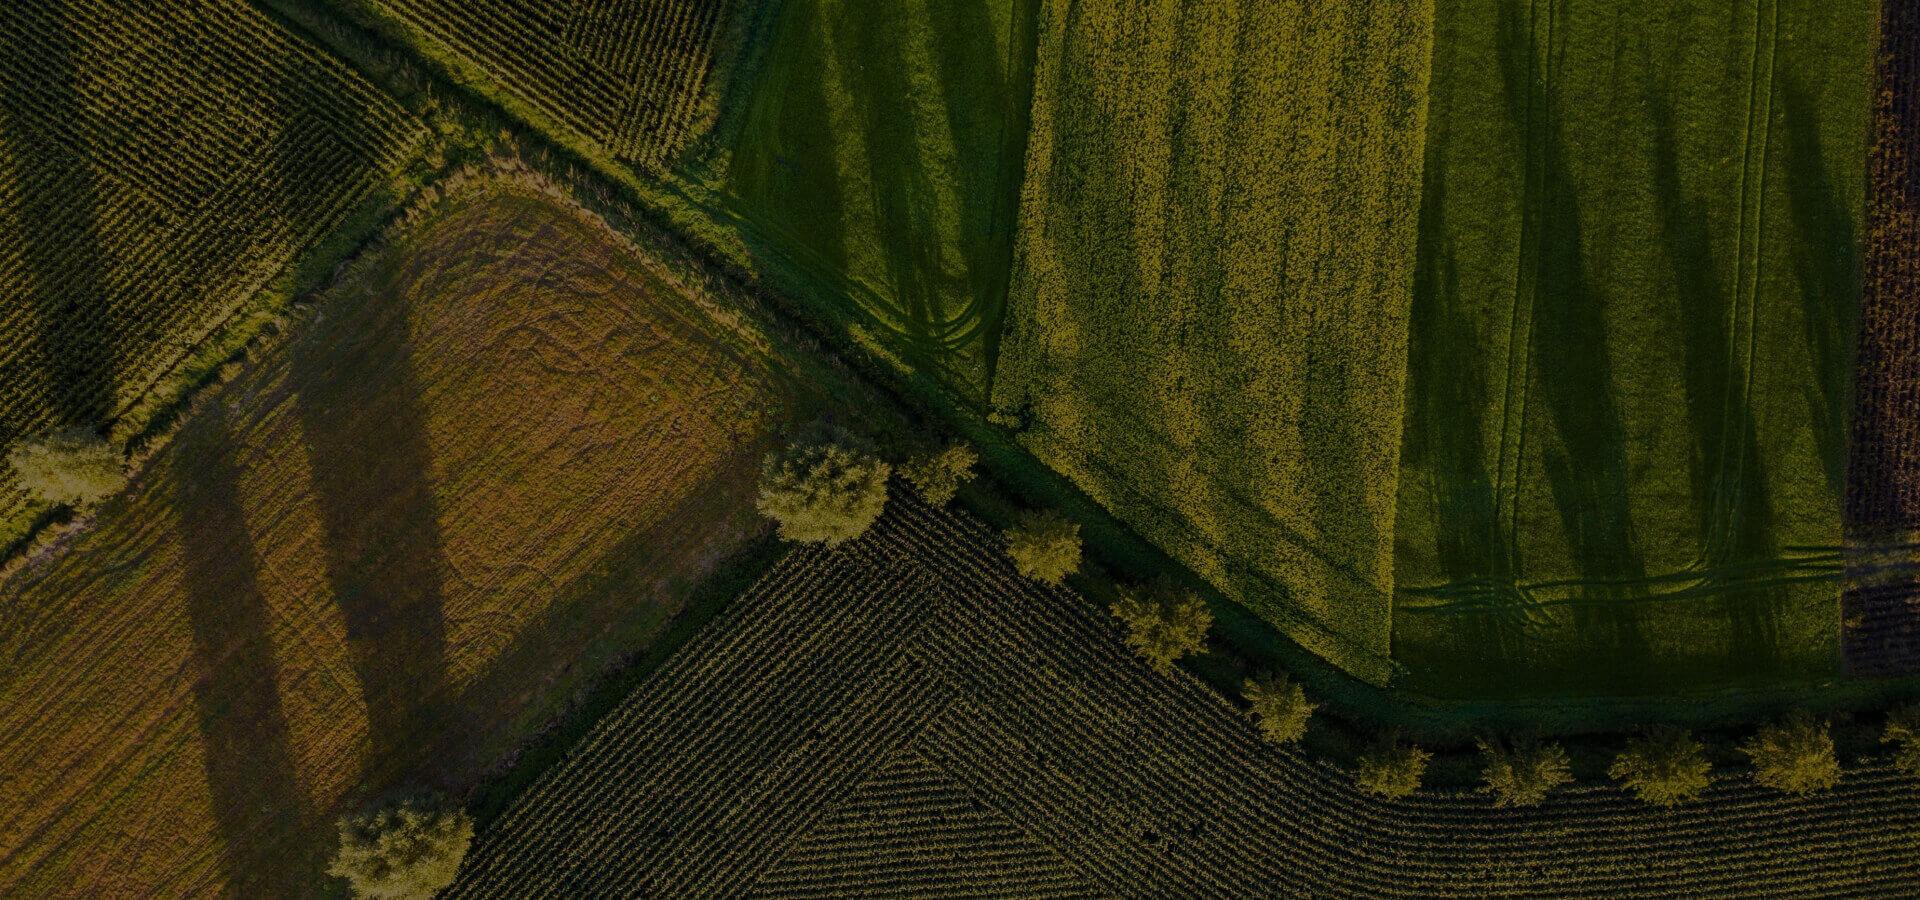 zastosowanie drony dla rolnictwa - zdjęcie zielonych pól